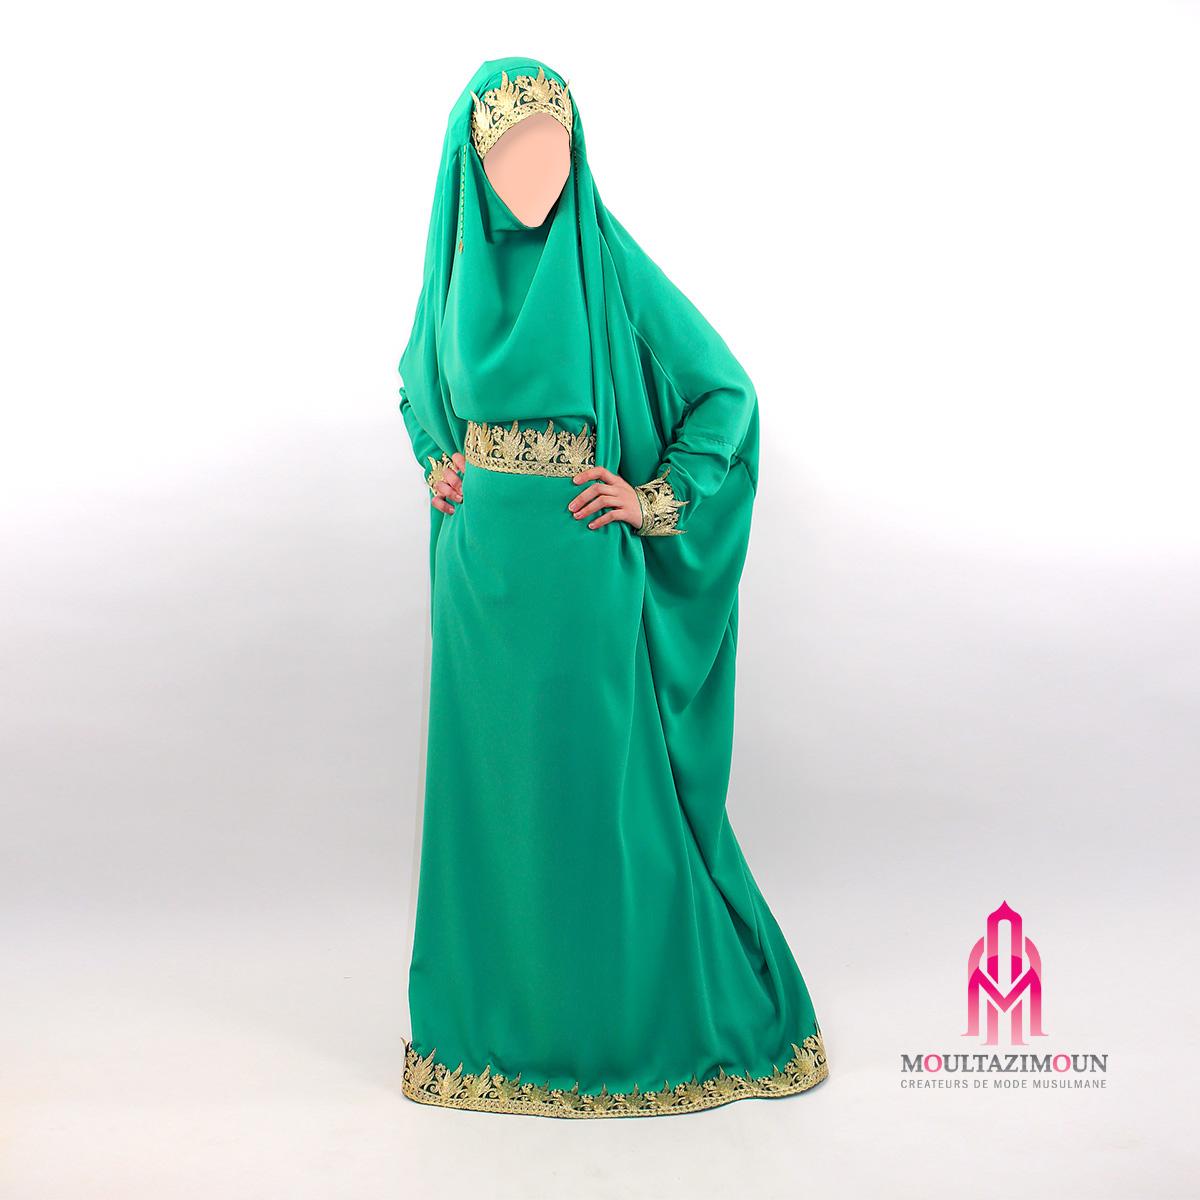 jilbab mariage emeraude - Jilbeb Mariage